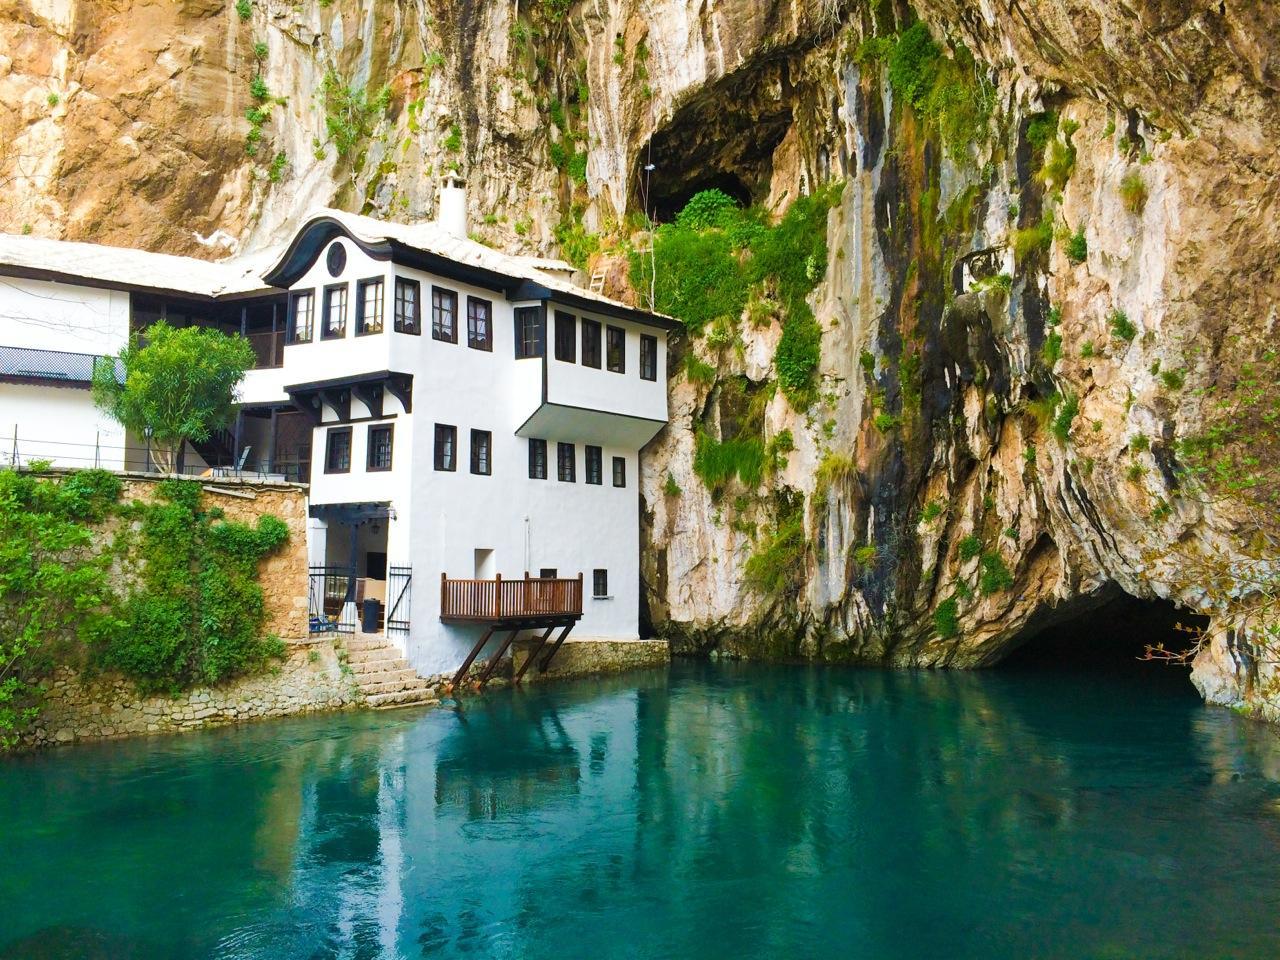 20+1 ταξιδιωτικοί προορισμοί - κρυμμένοι θησαυροί. Ανάμεσά τους και ένα ελληνικό νησί! (Photos)